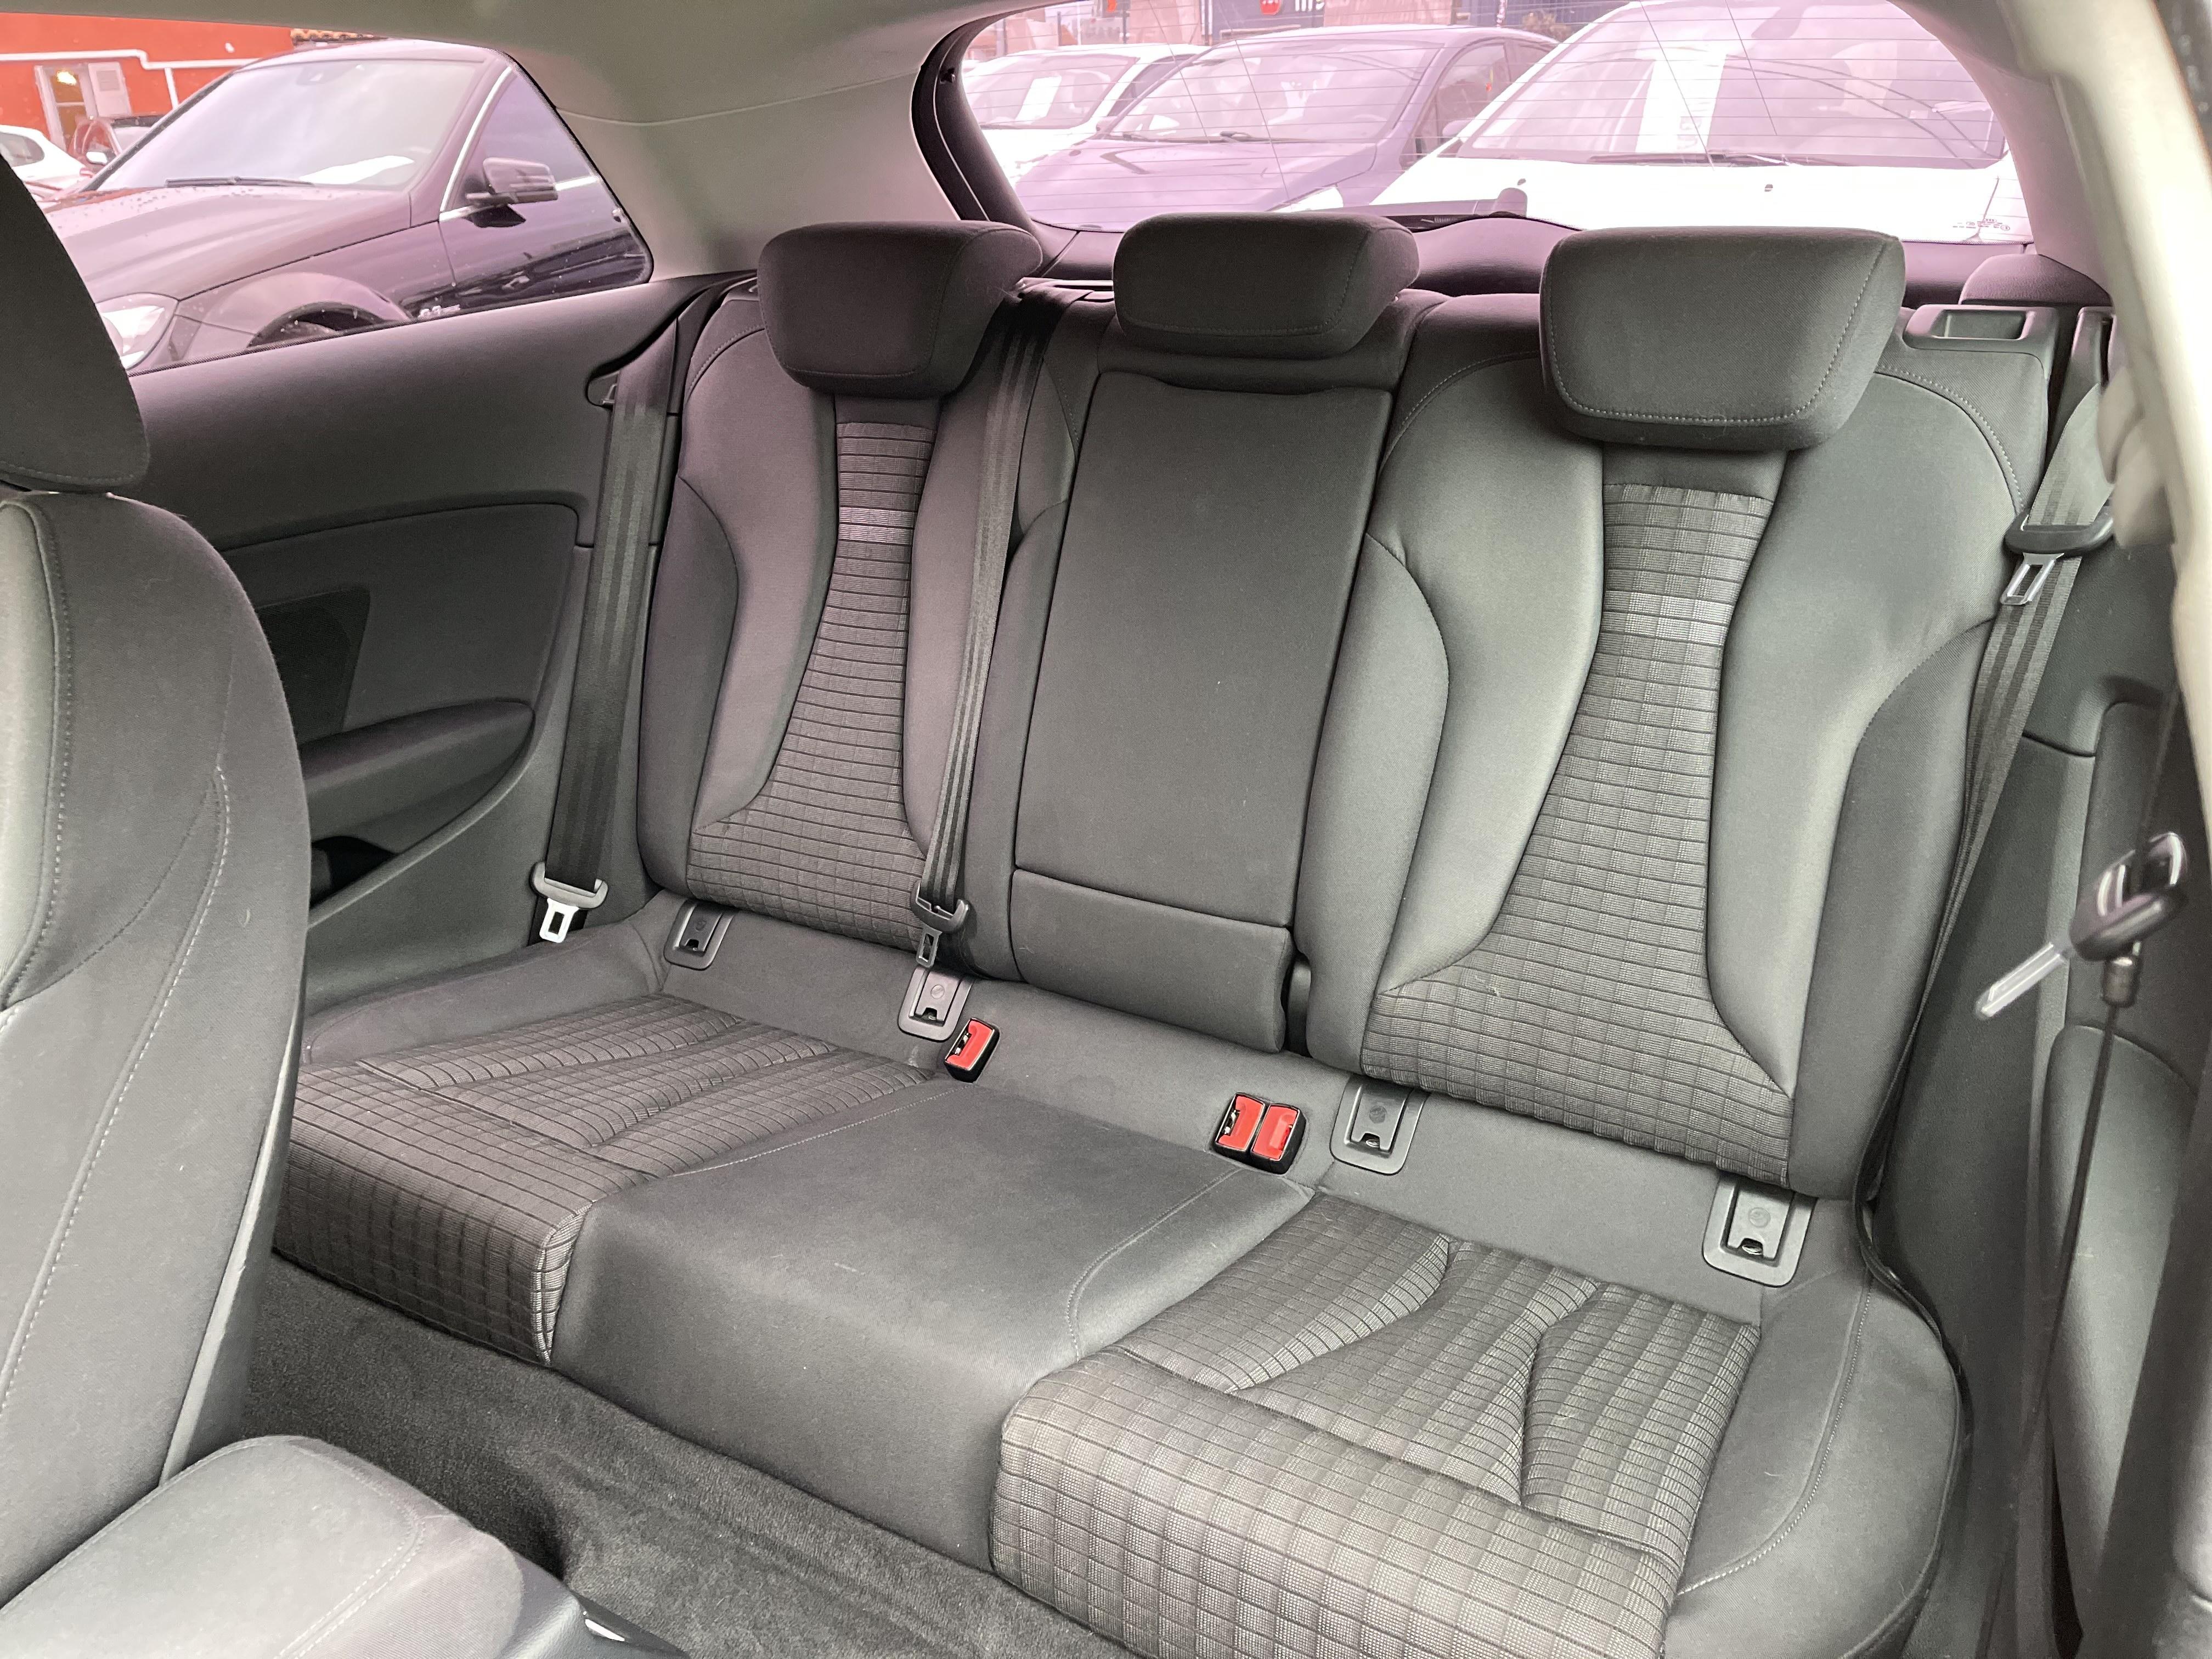 Audi A3 III 2 0 TDI 150ch FAP Ambition